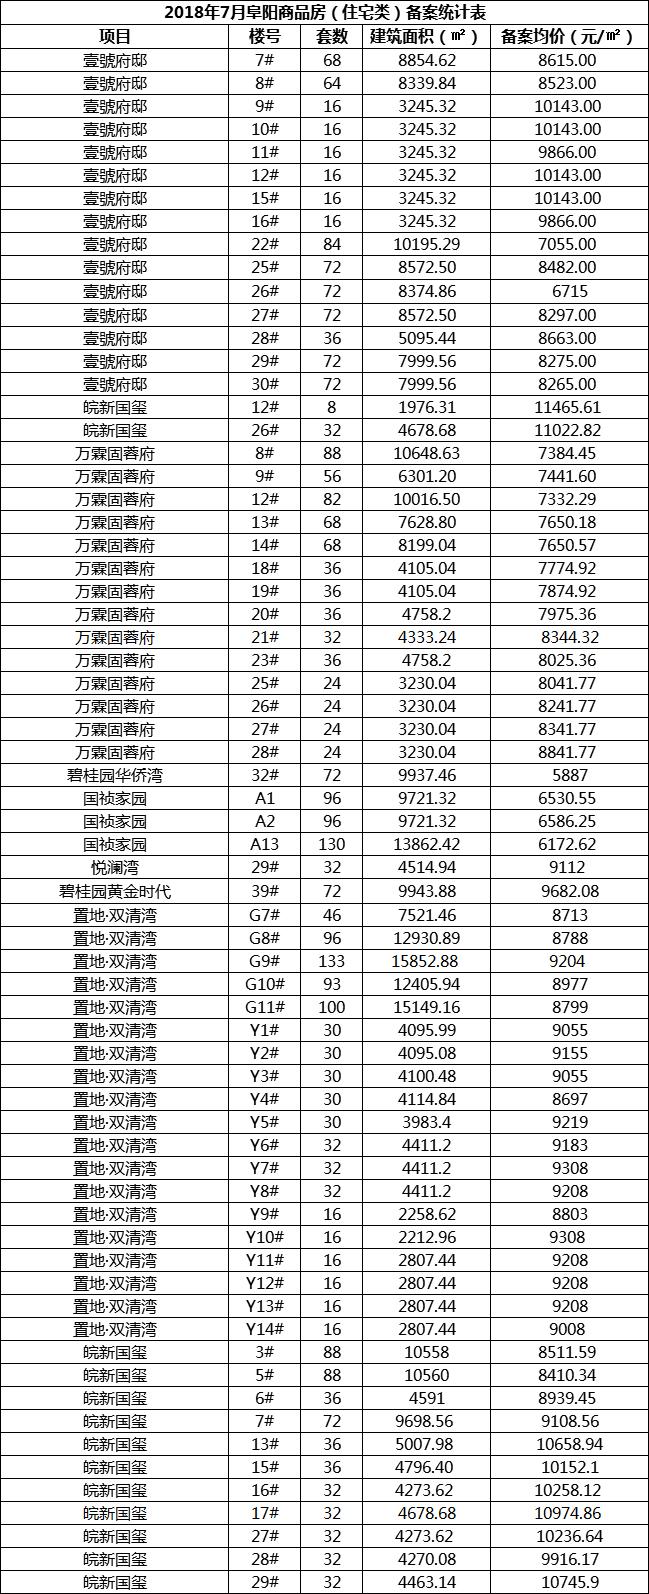 7月阜城新增住宅备案3206套 备案面积约41万方